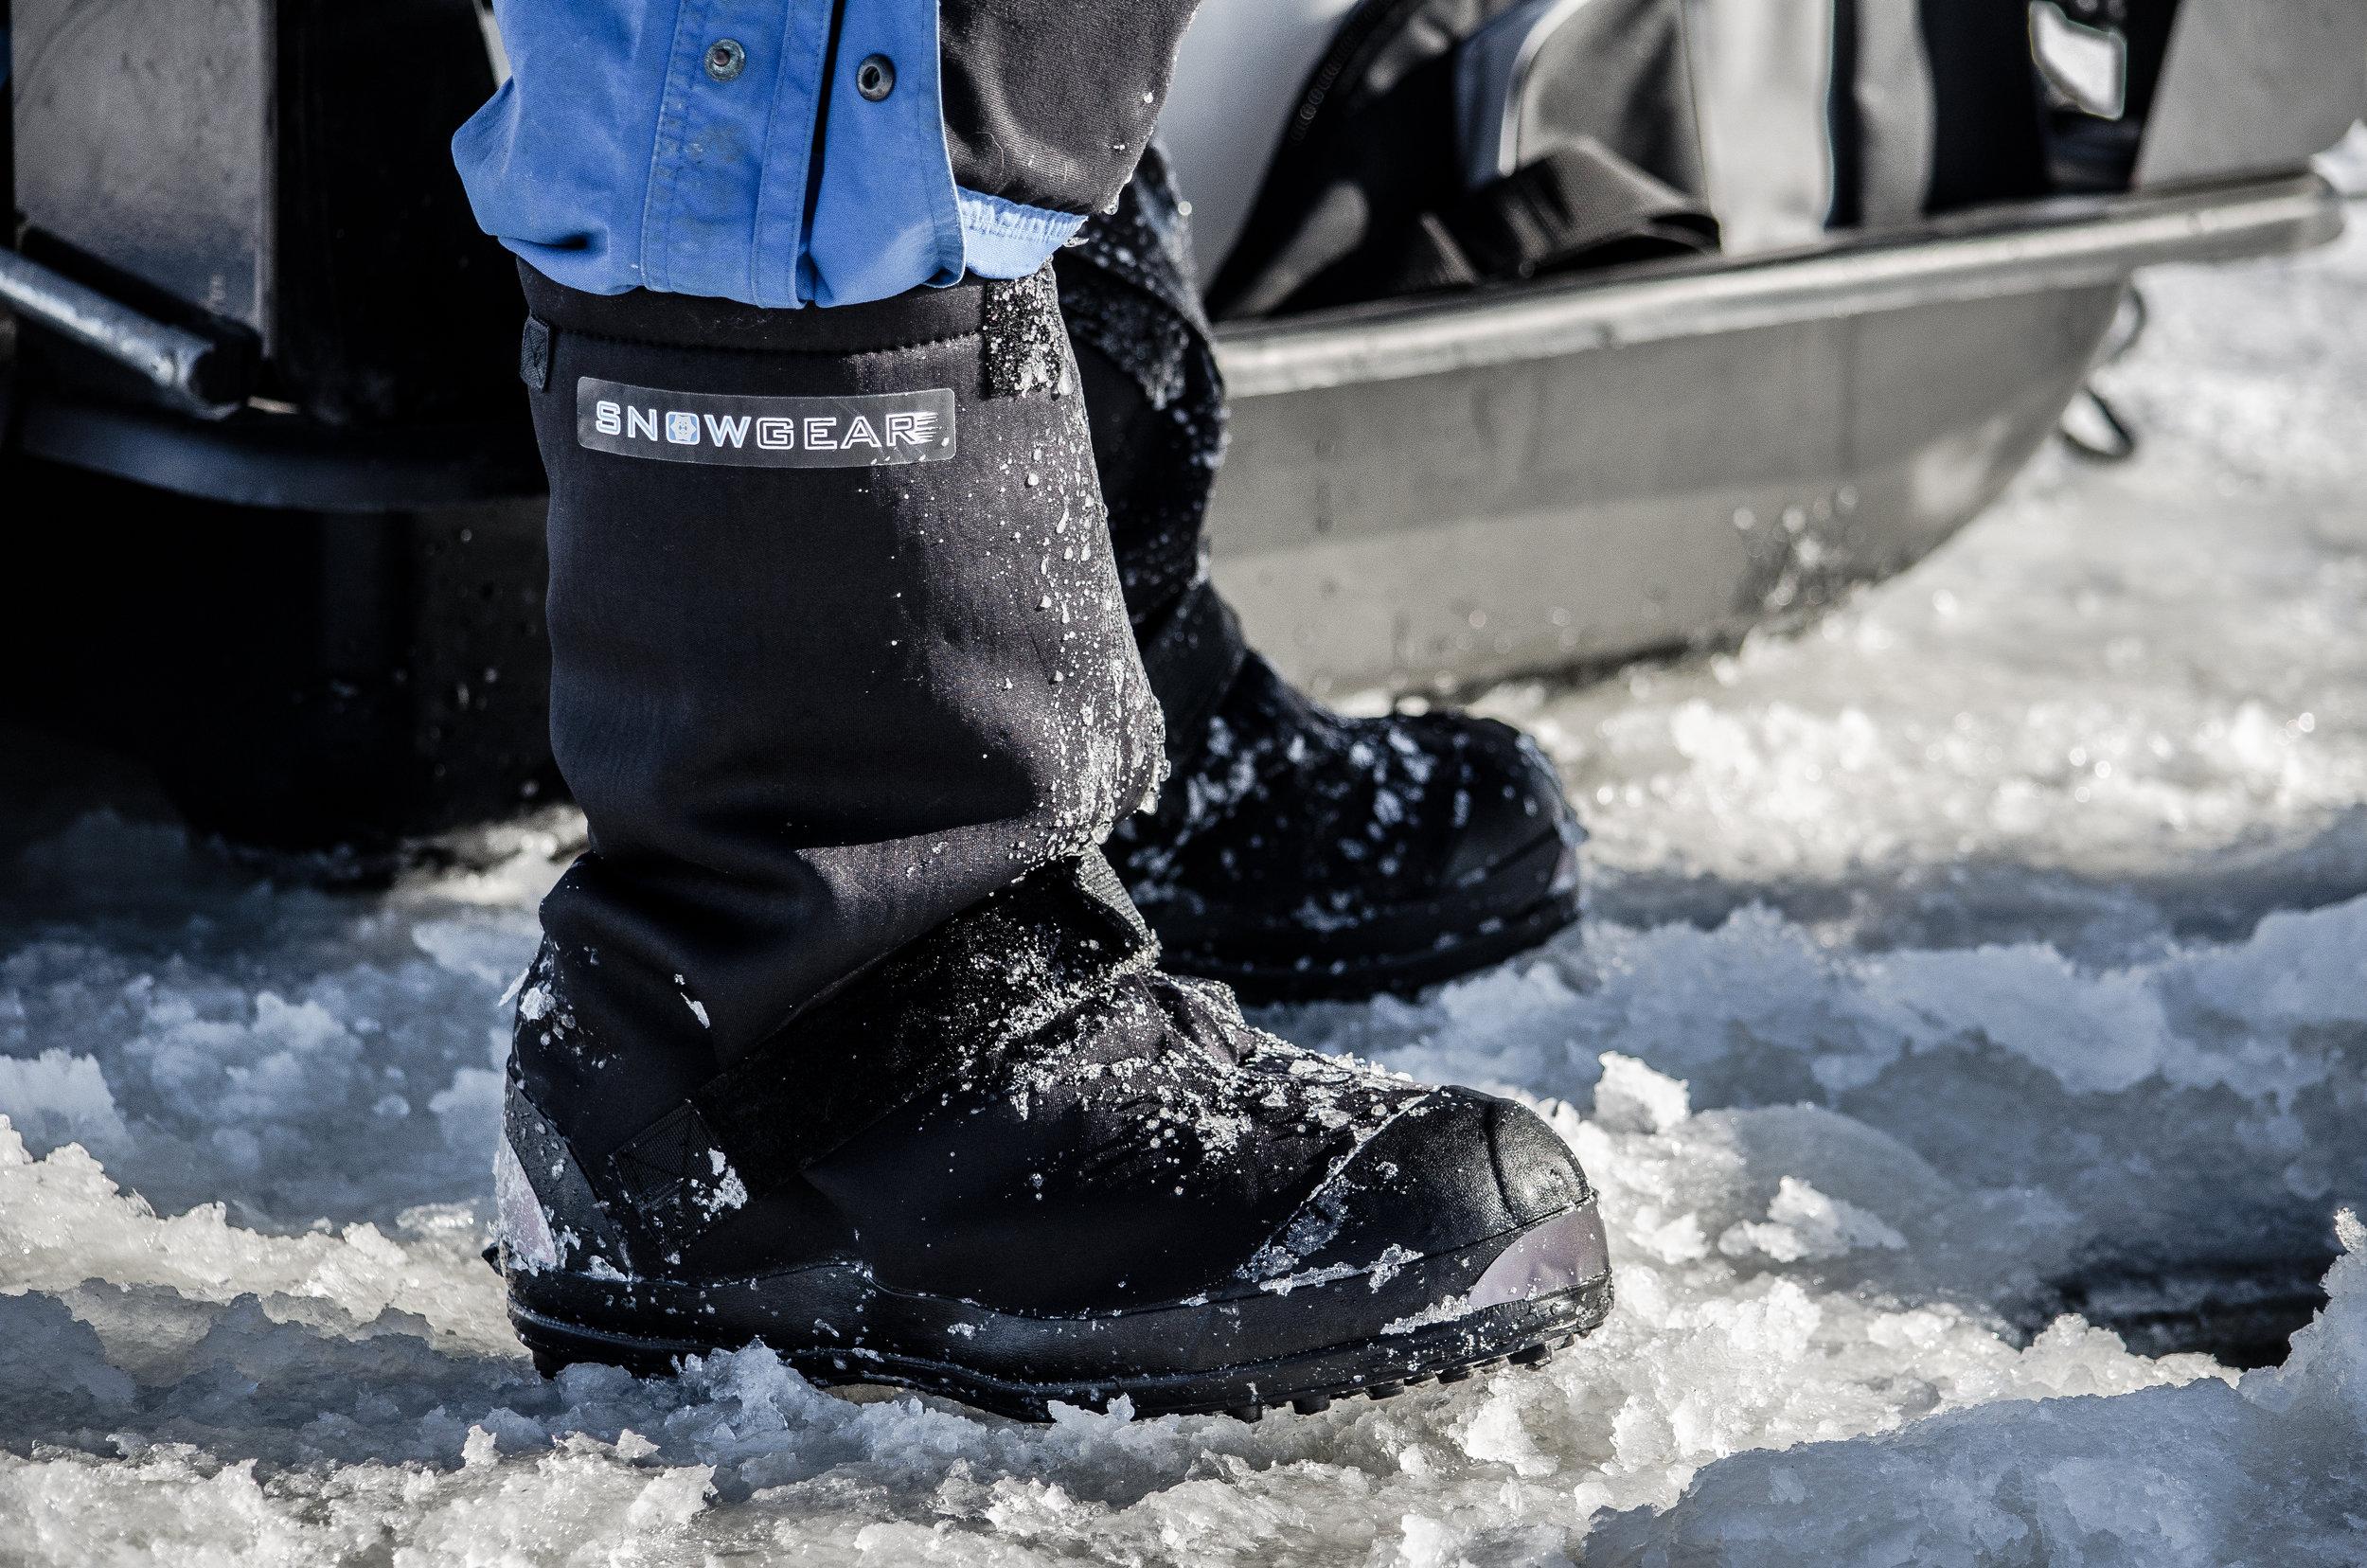 Snowgearovershoesbychetsshoes.jpg